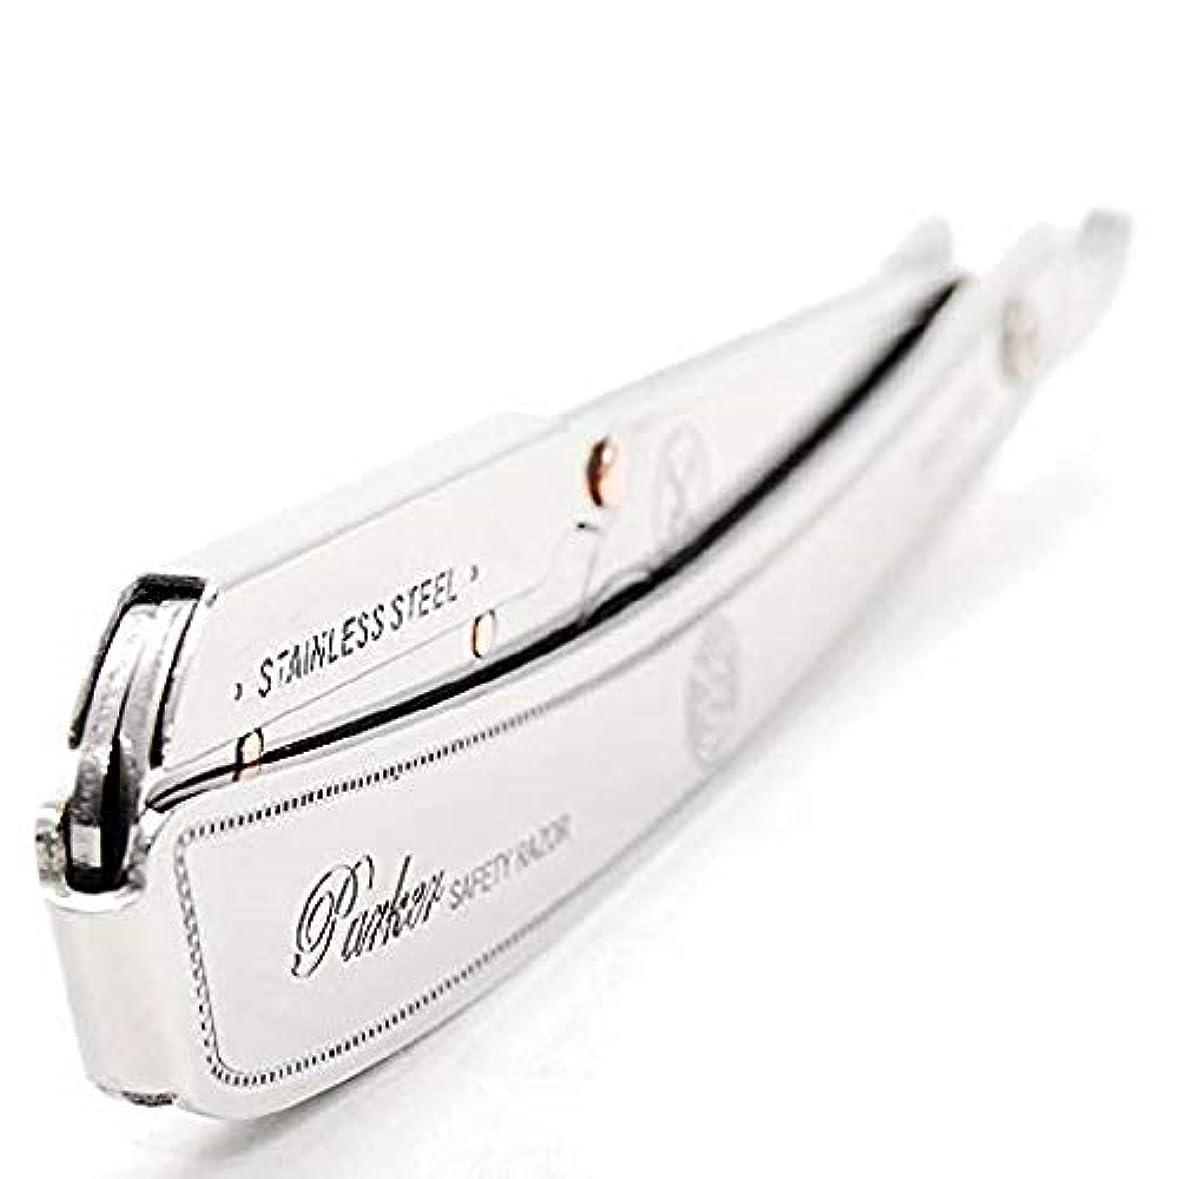 ピーク焼くコーンパーカー(Parker) SRX 剃刀 プロ用 替刃100枚、セーフティ替刃ゴミ箱の3点セット [並行輸入品]